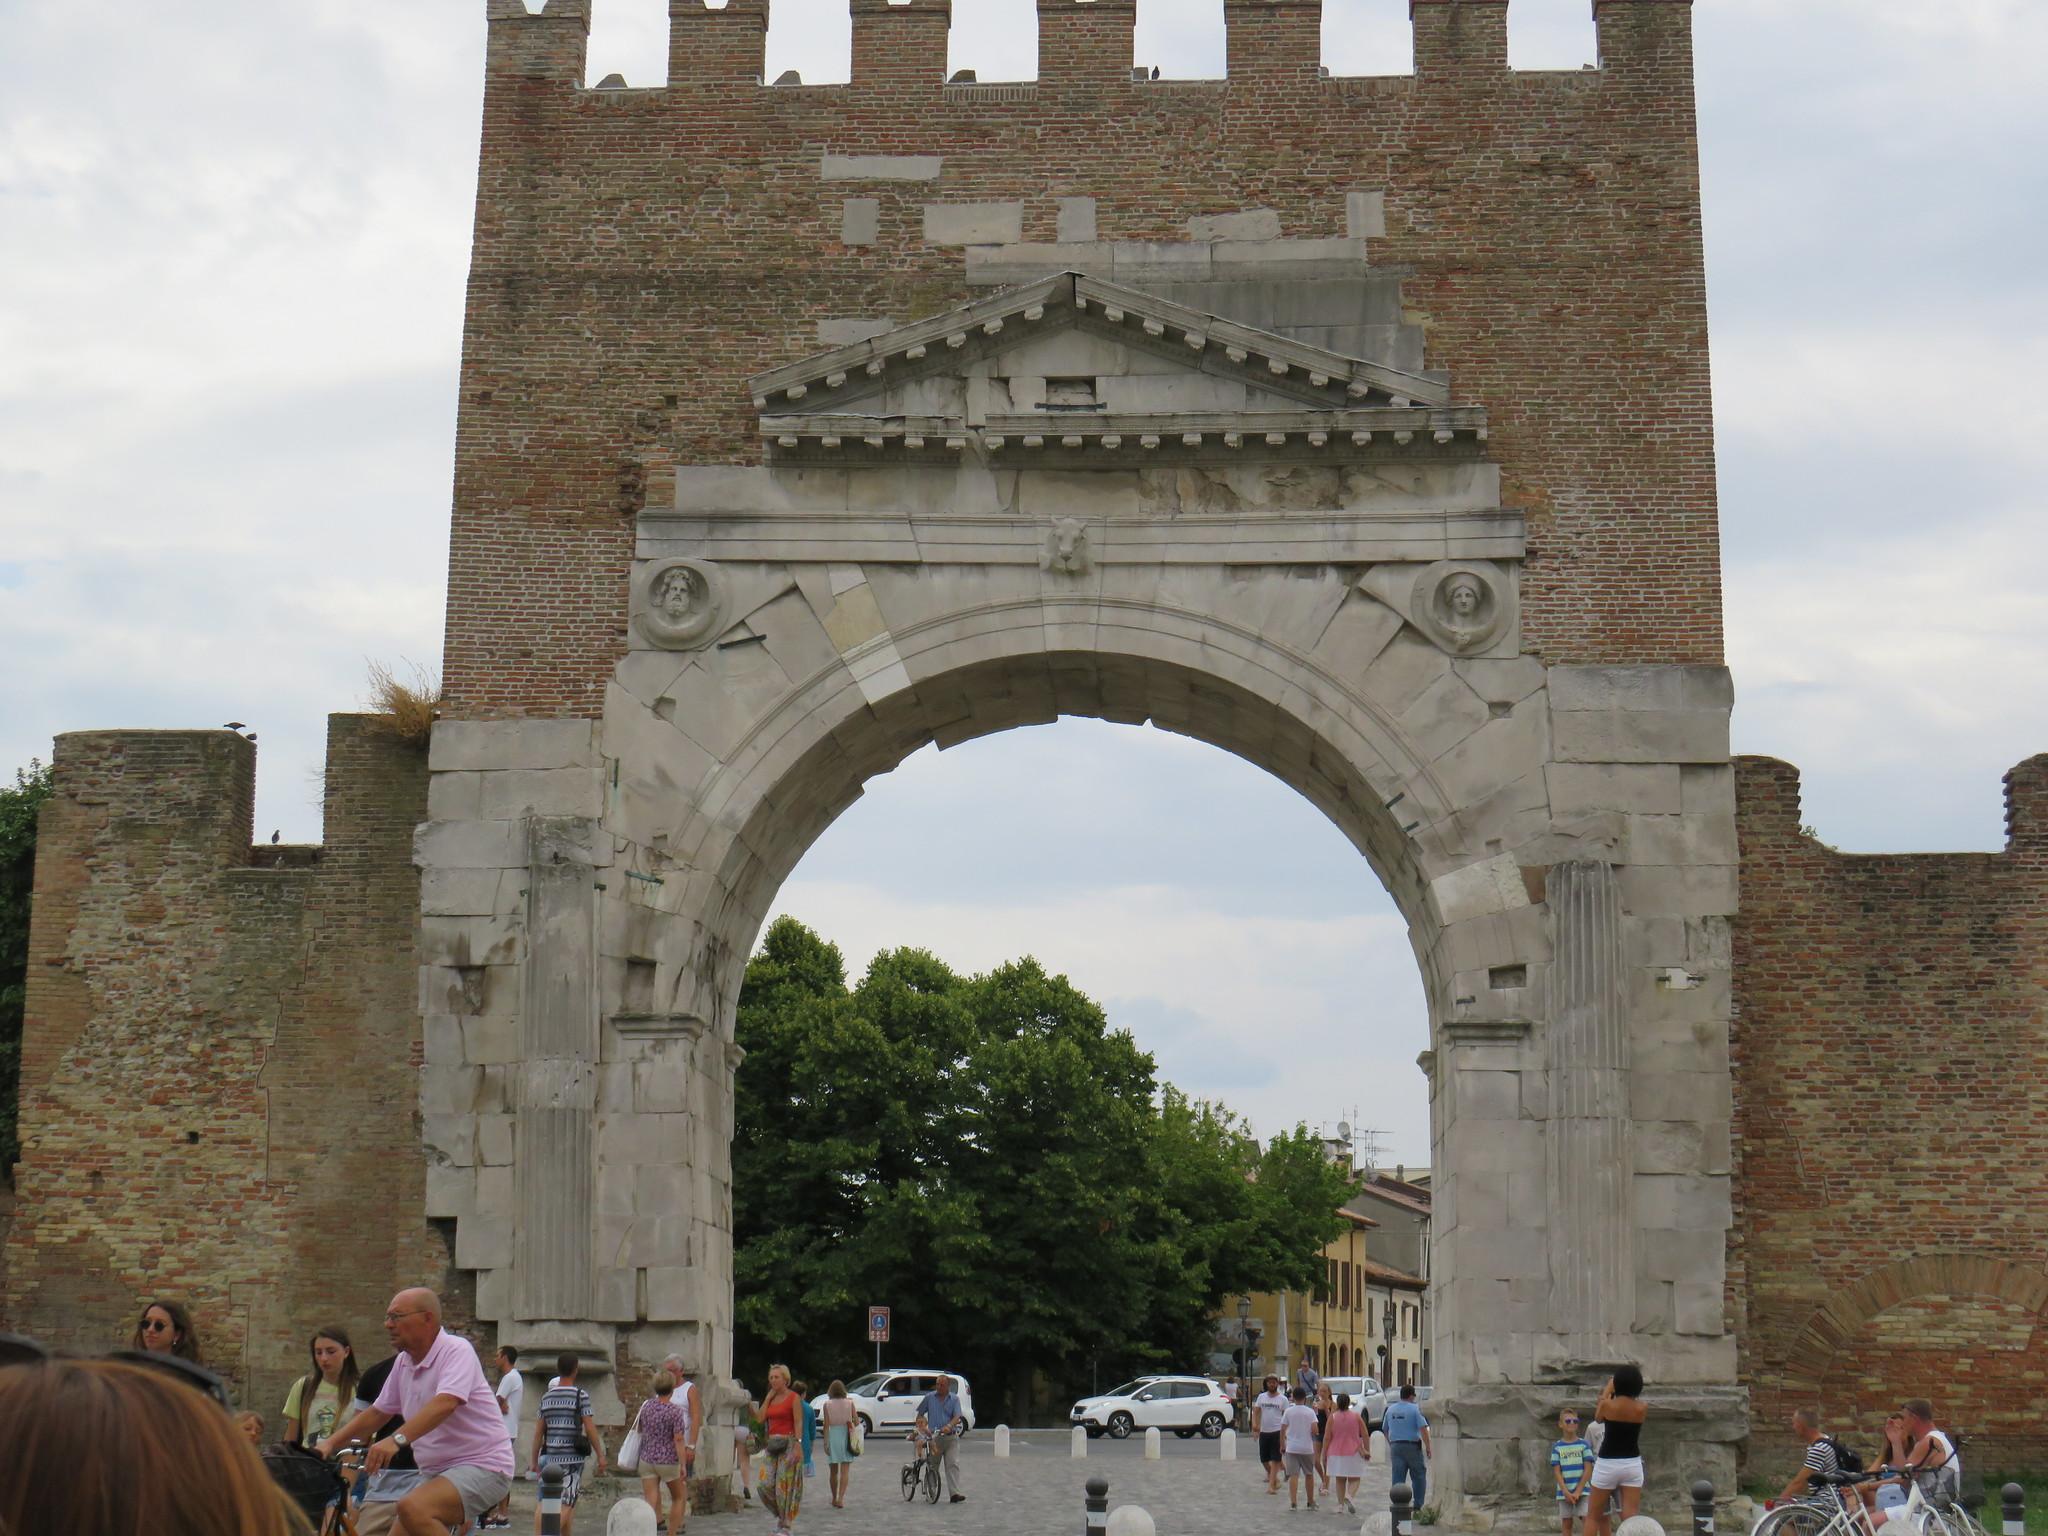 El Matrimonio Romano Evolucion Historica : SeÑor del biombo el arco triunfo romano tipos y